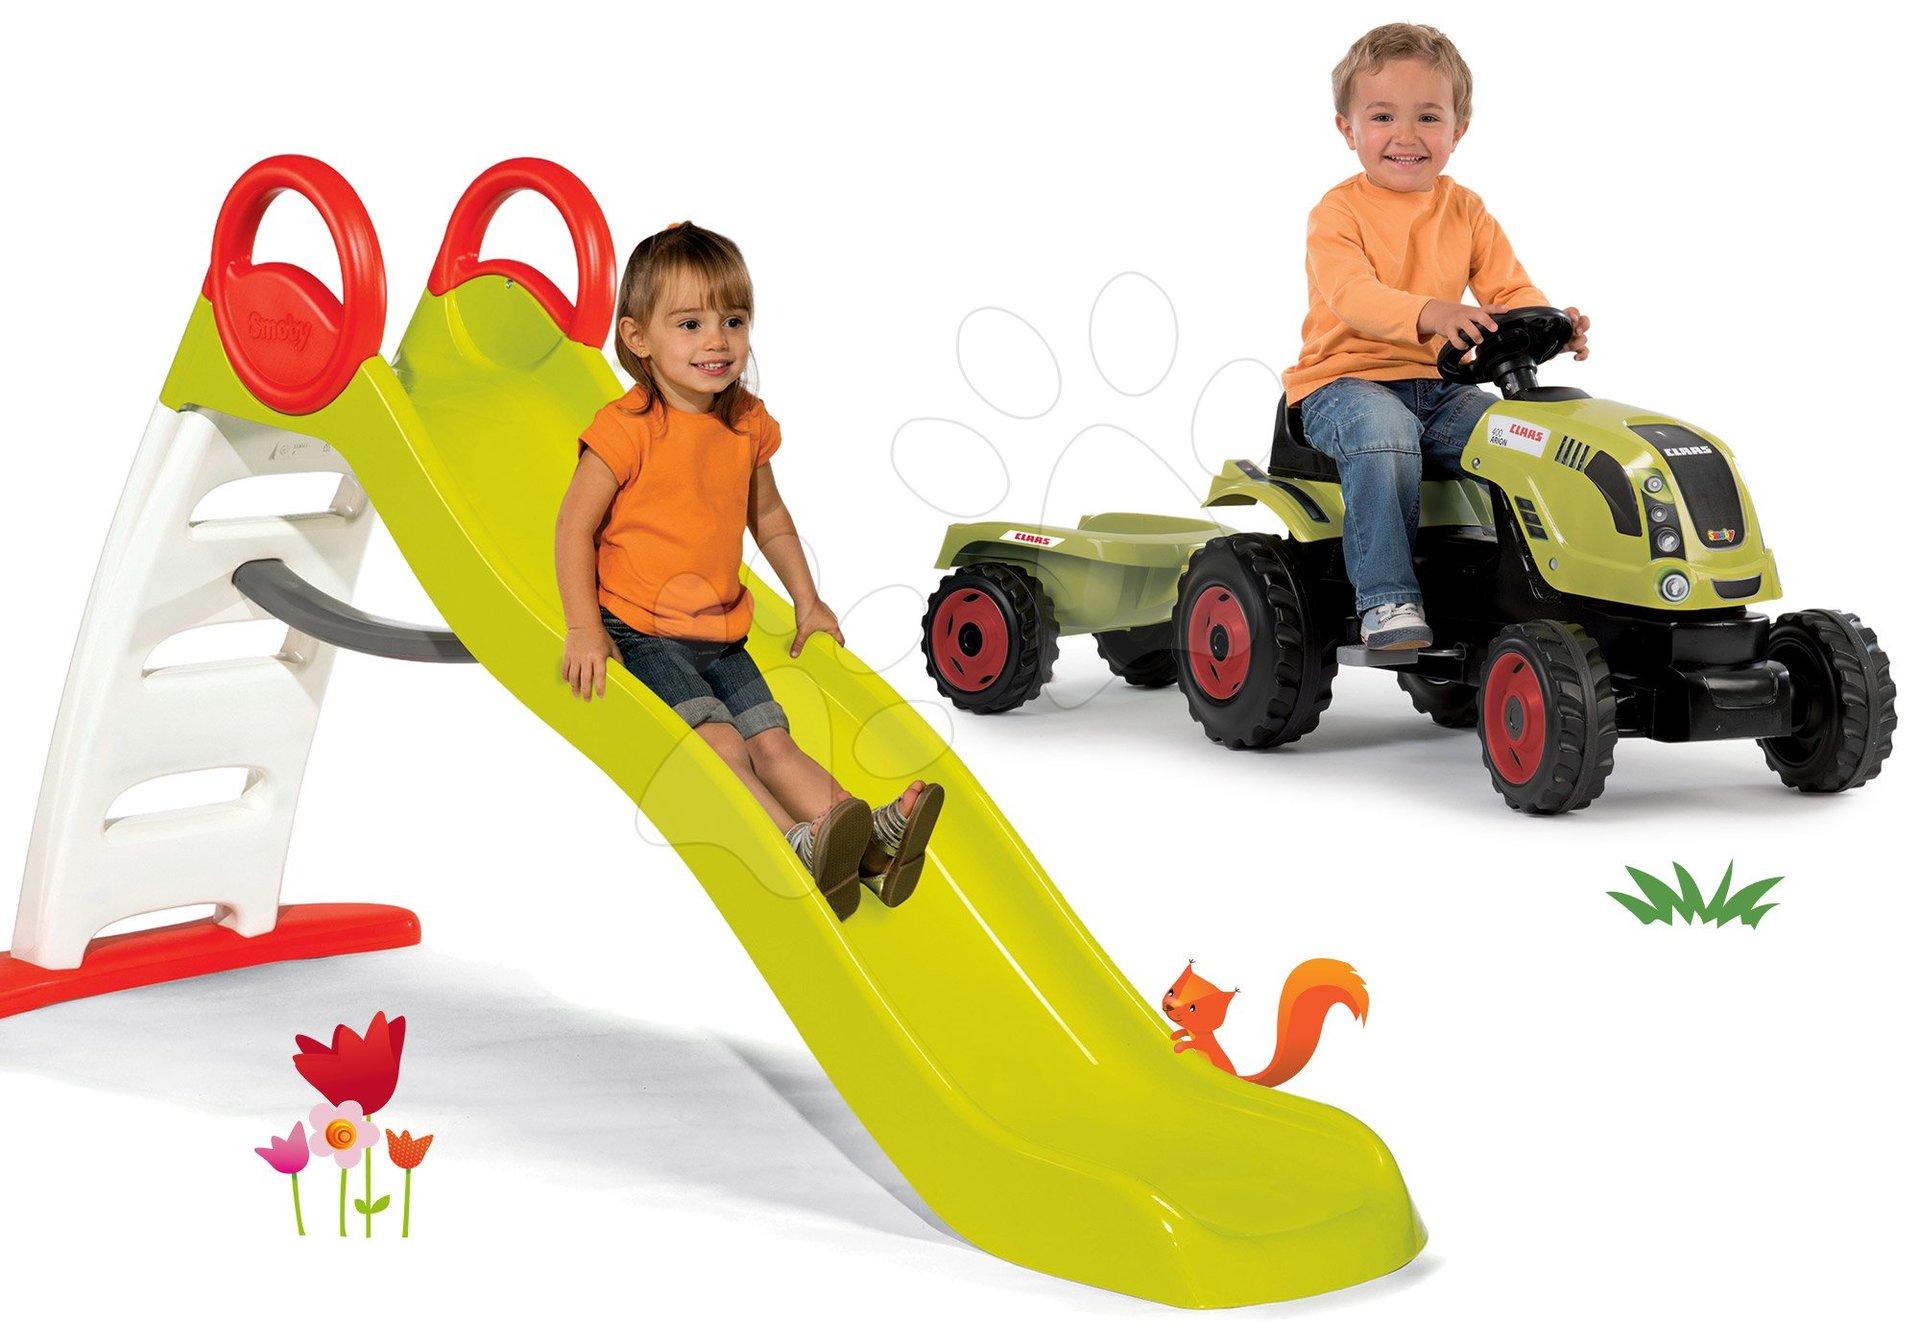 Set šmykľavka Toboggan Funny dĺžka 200 cm Smoby a traktor na šliapanie Claas Farmer XL s prívesom